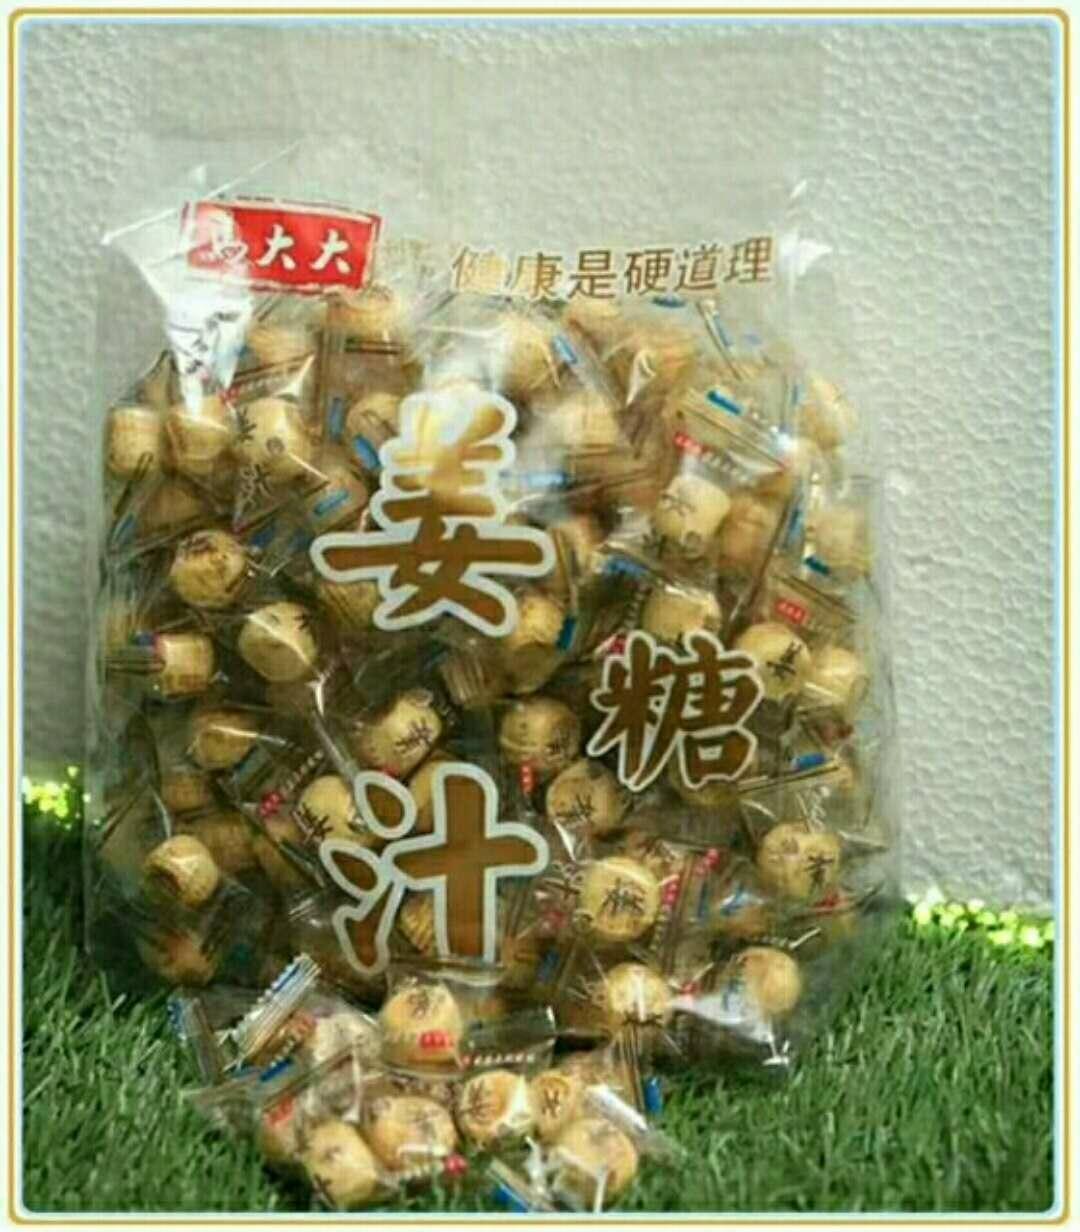 临沂春光牌糖姜片价格范围商推荐,春光牌糖姜片价格范围